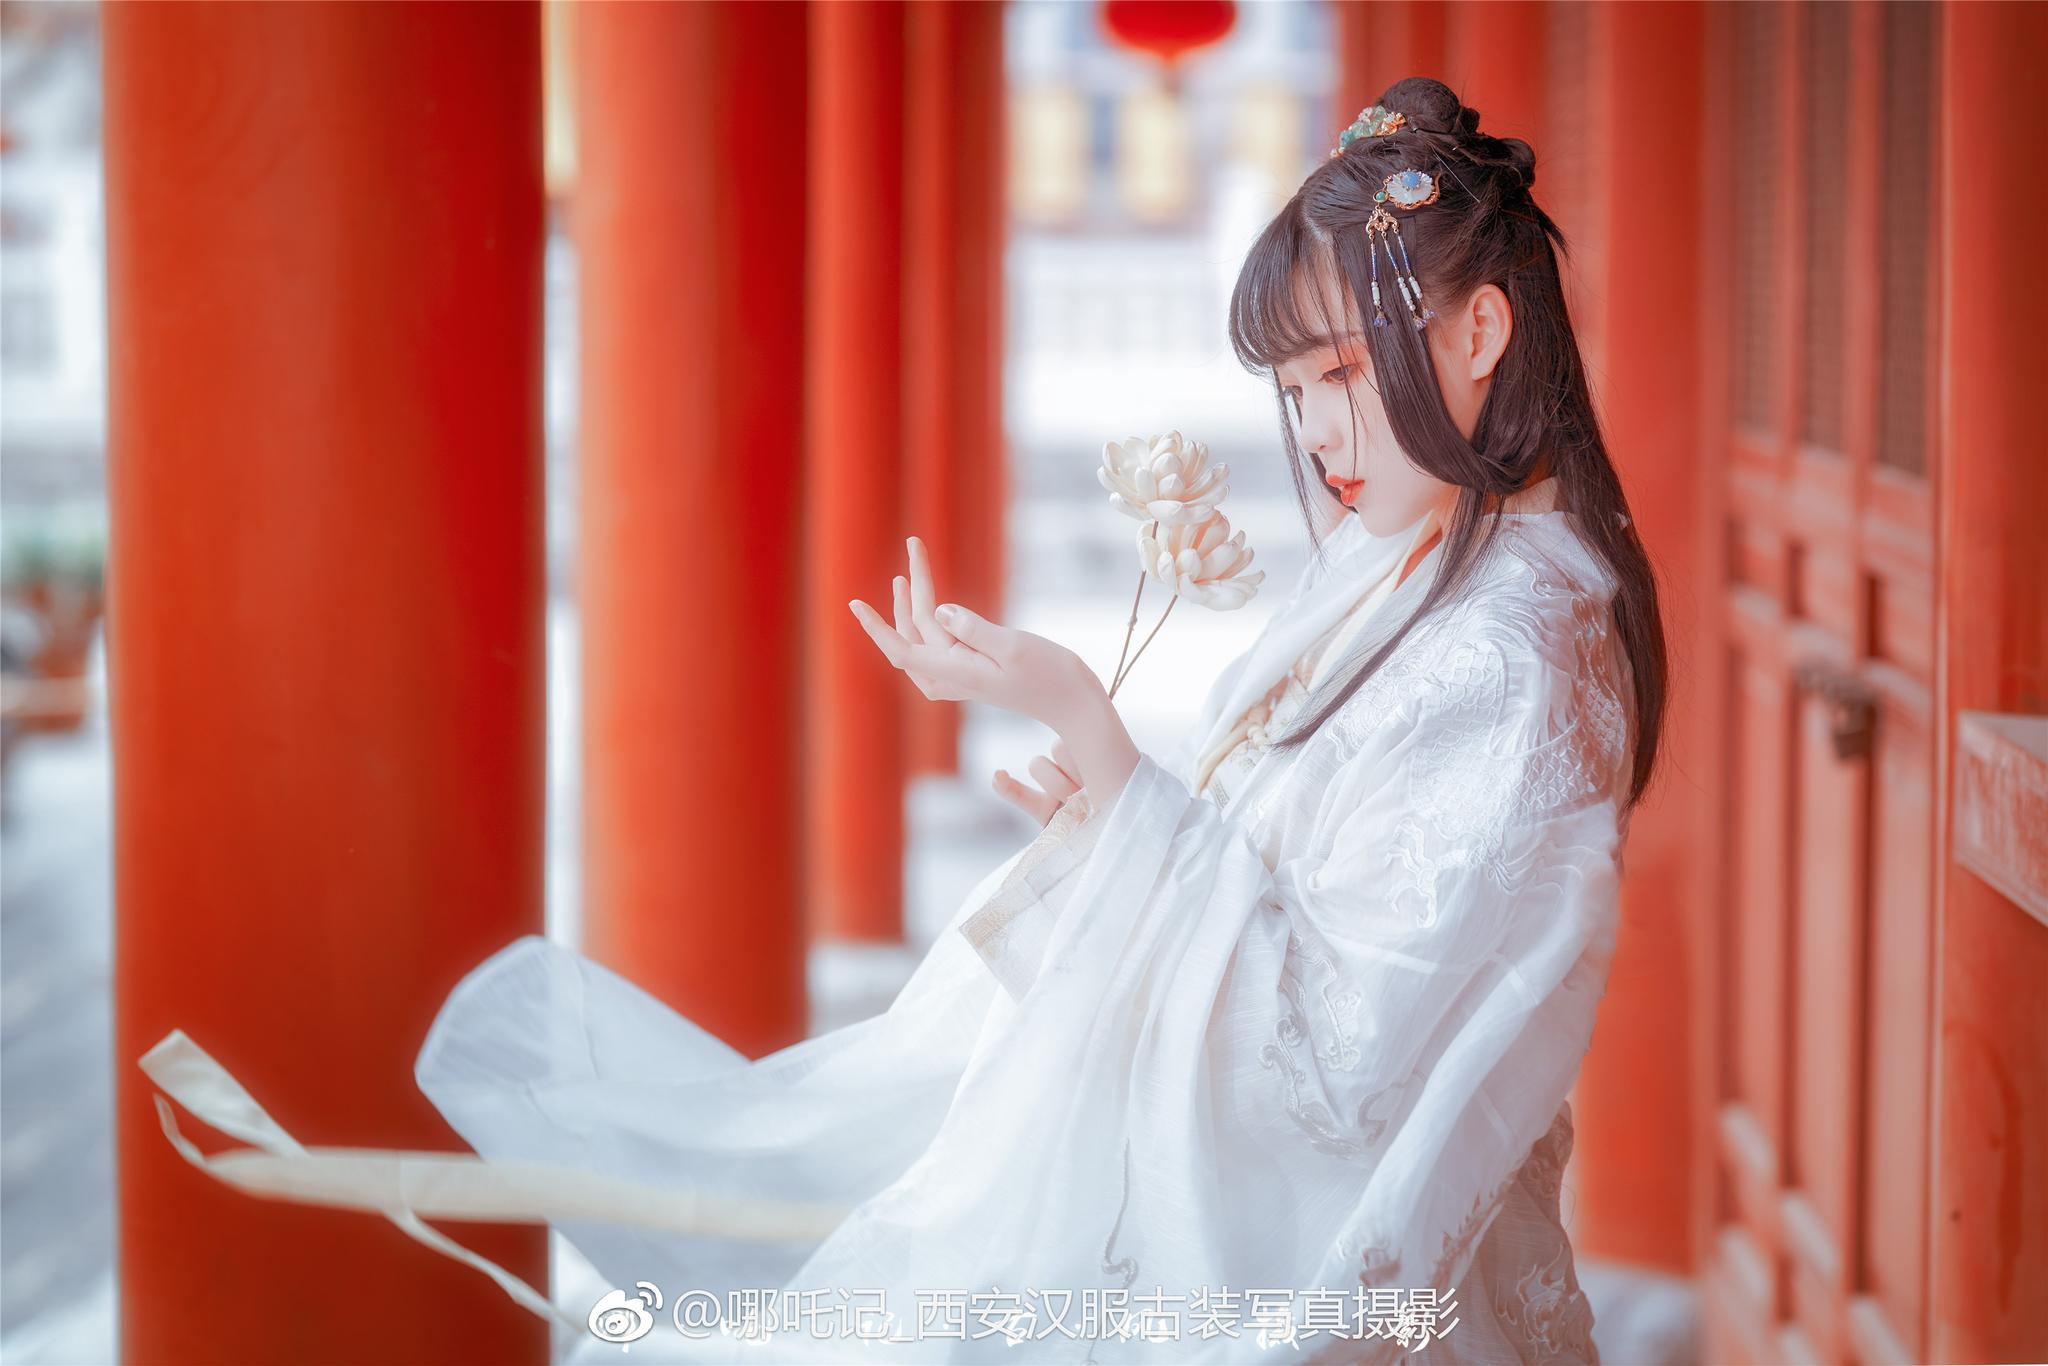 仙女大概就是这样了吧摄影后期: @哪吒记_西安汉服古装写真摄影